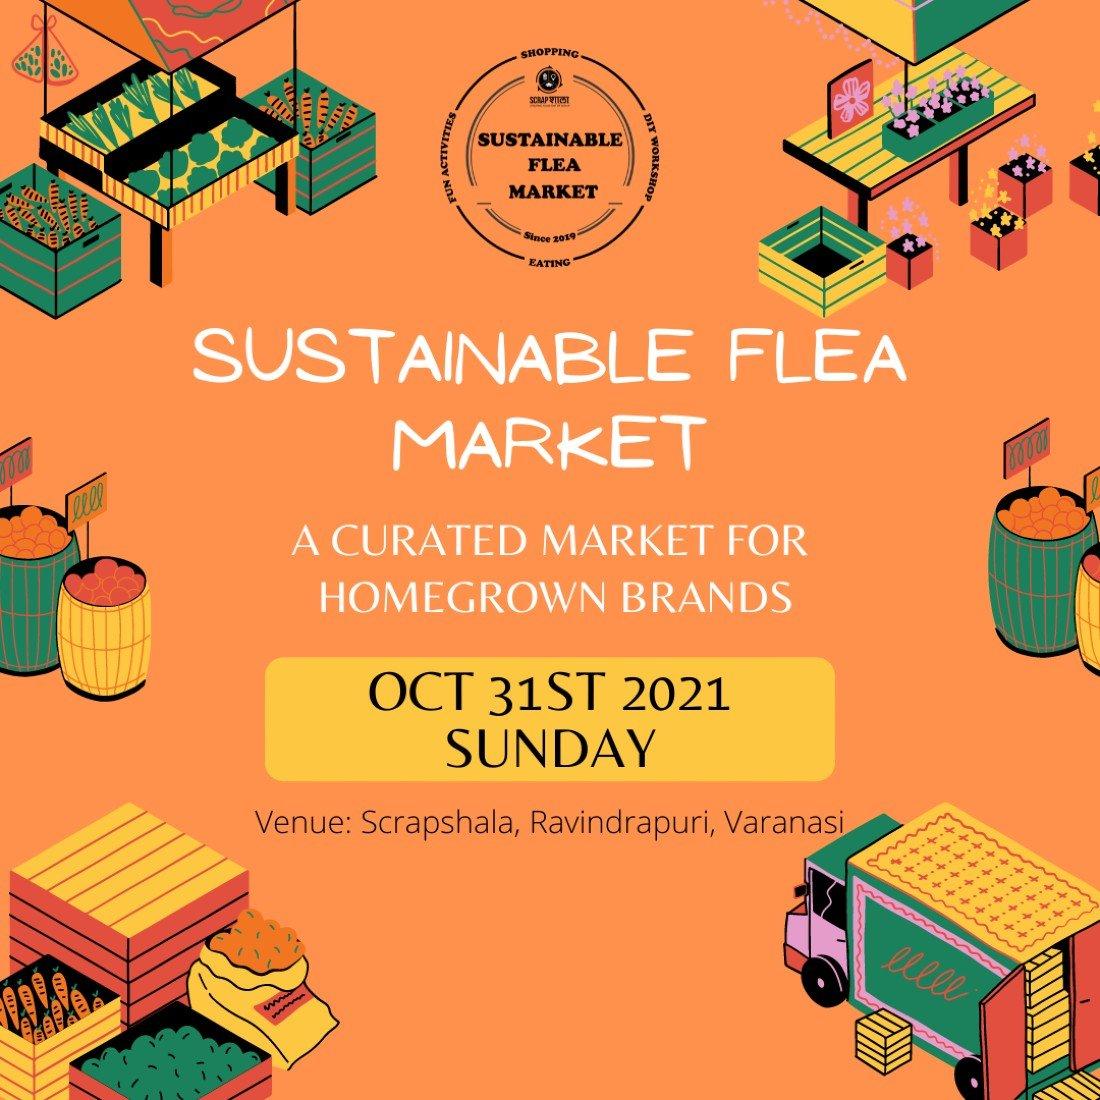 Sustainable flea market by Scrapshala, 31 October   Event in Varanasi   AllEvents.in